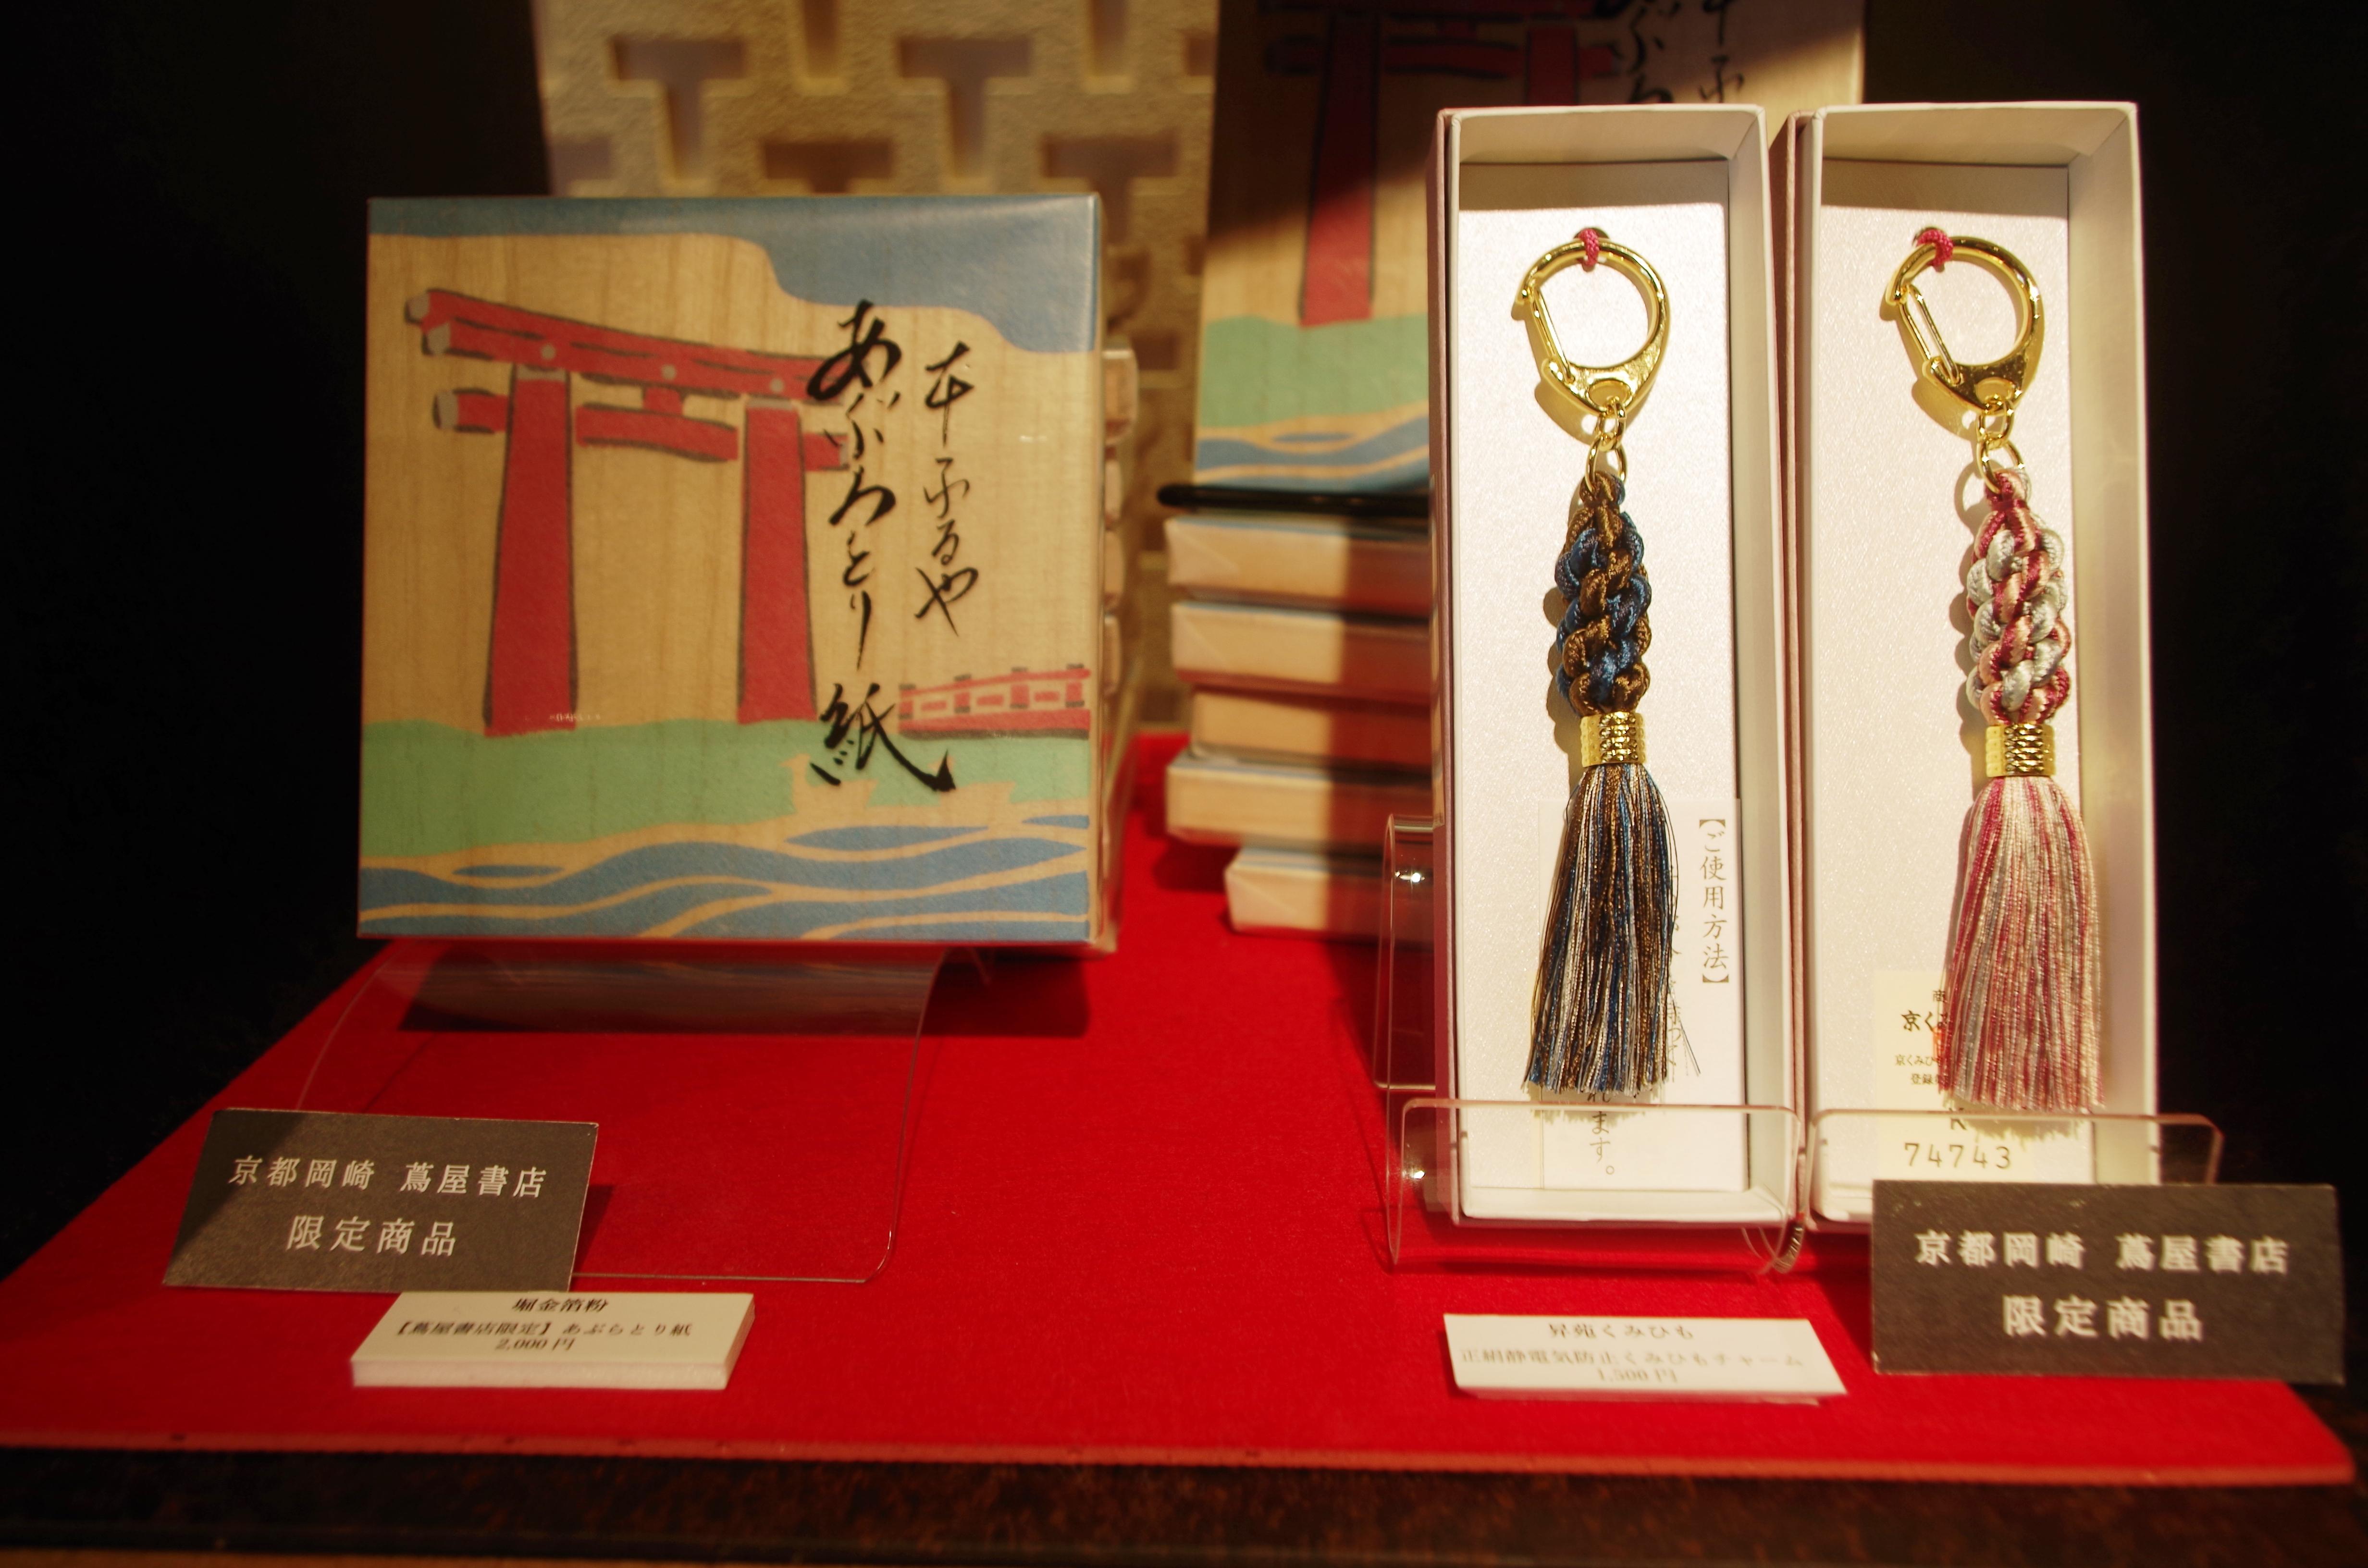 日本の伝統工芸品である、あぶらとり紙と組みひもはモダンにデザイン(蔦屋書店限定品)